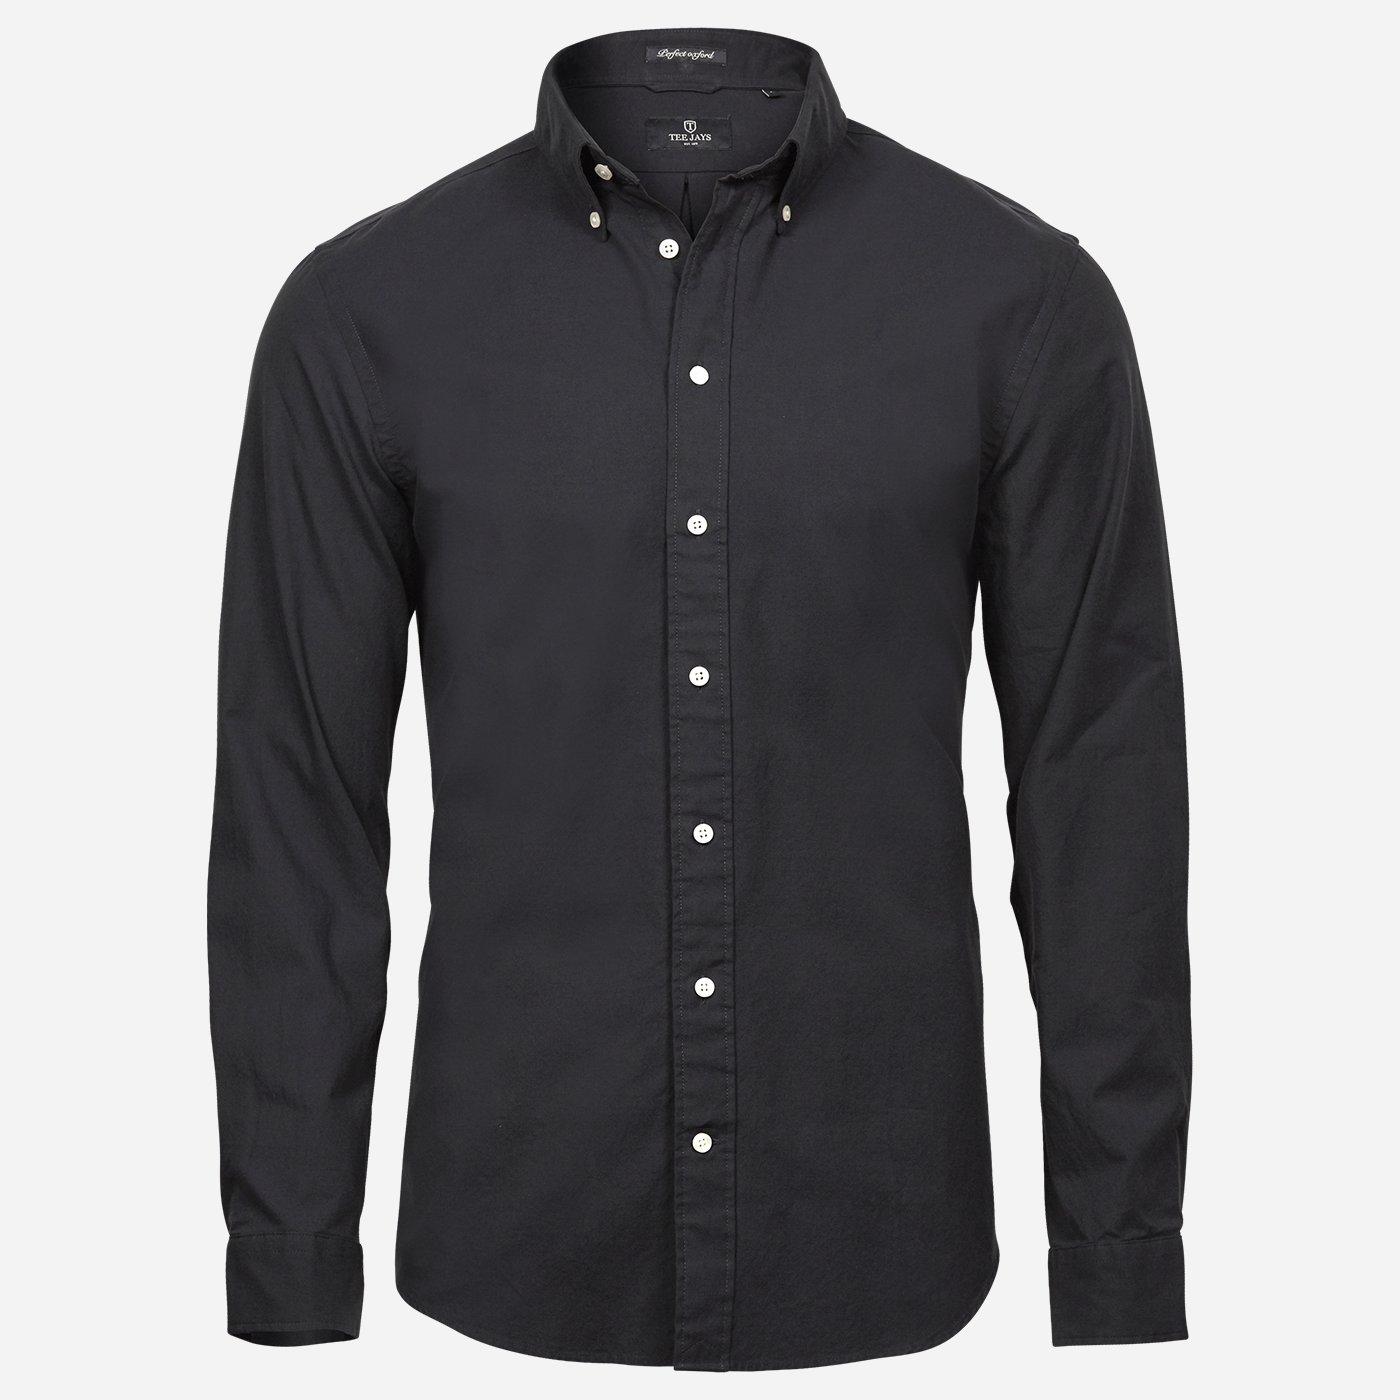 Čierna oxford košeľa Tee Jays, Slim fit Veľkosť: XXL 45/46